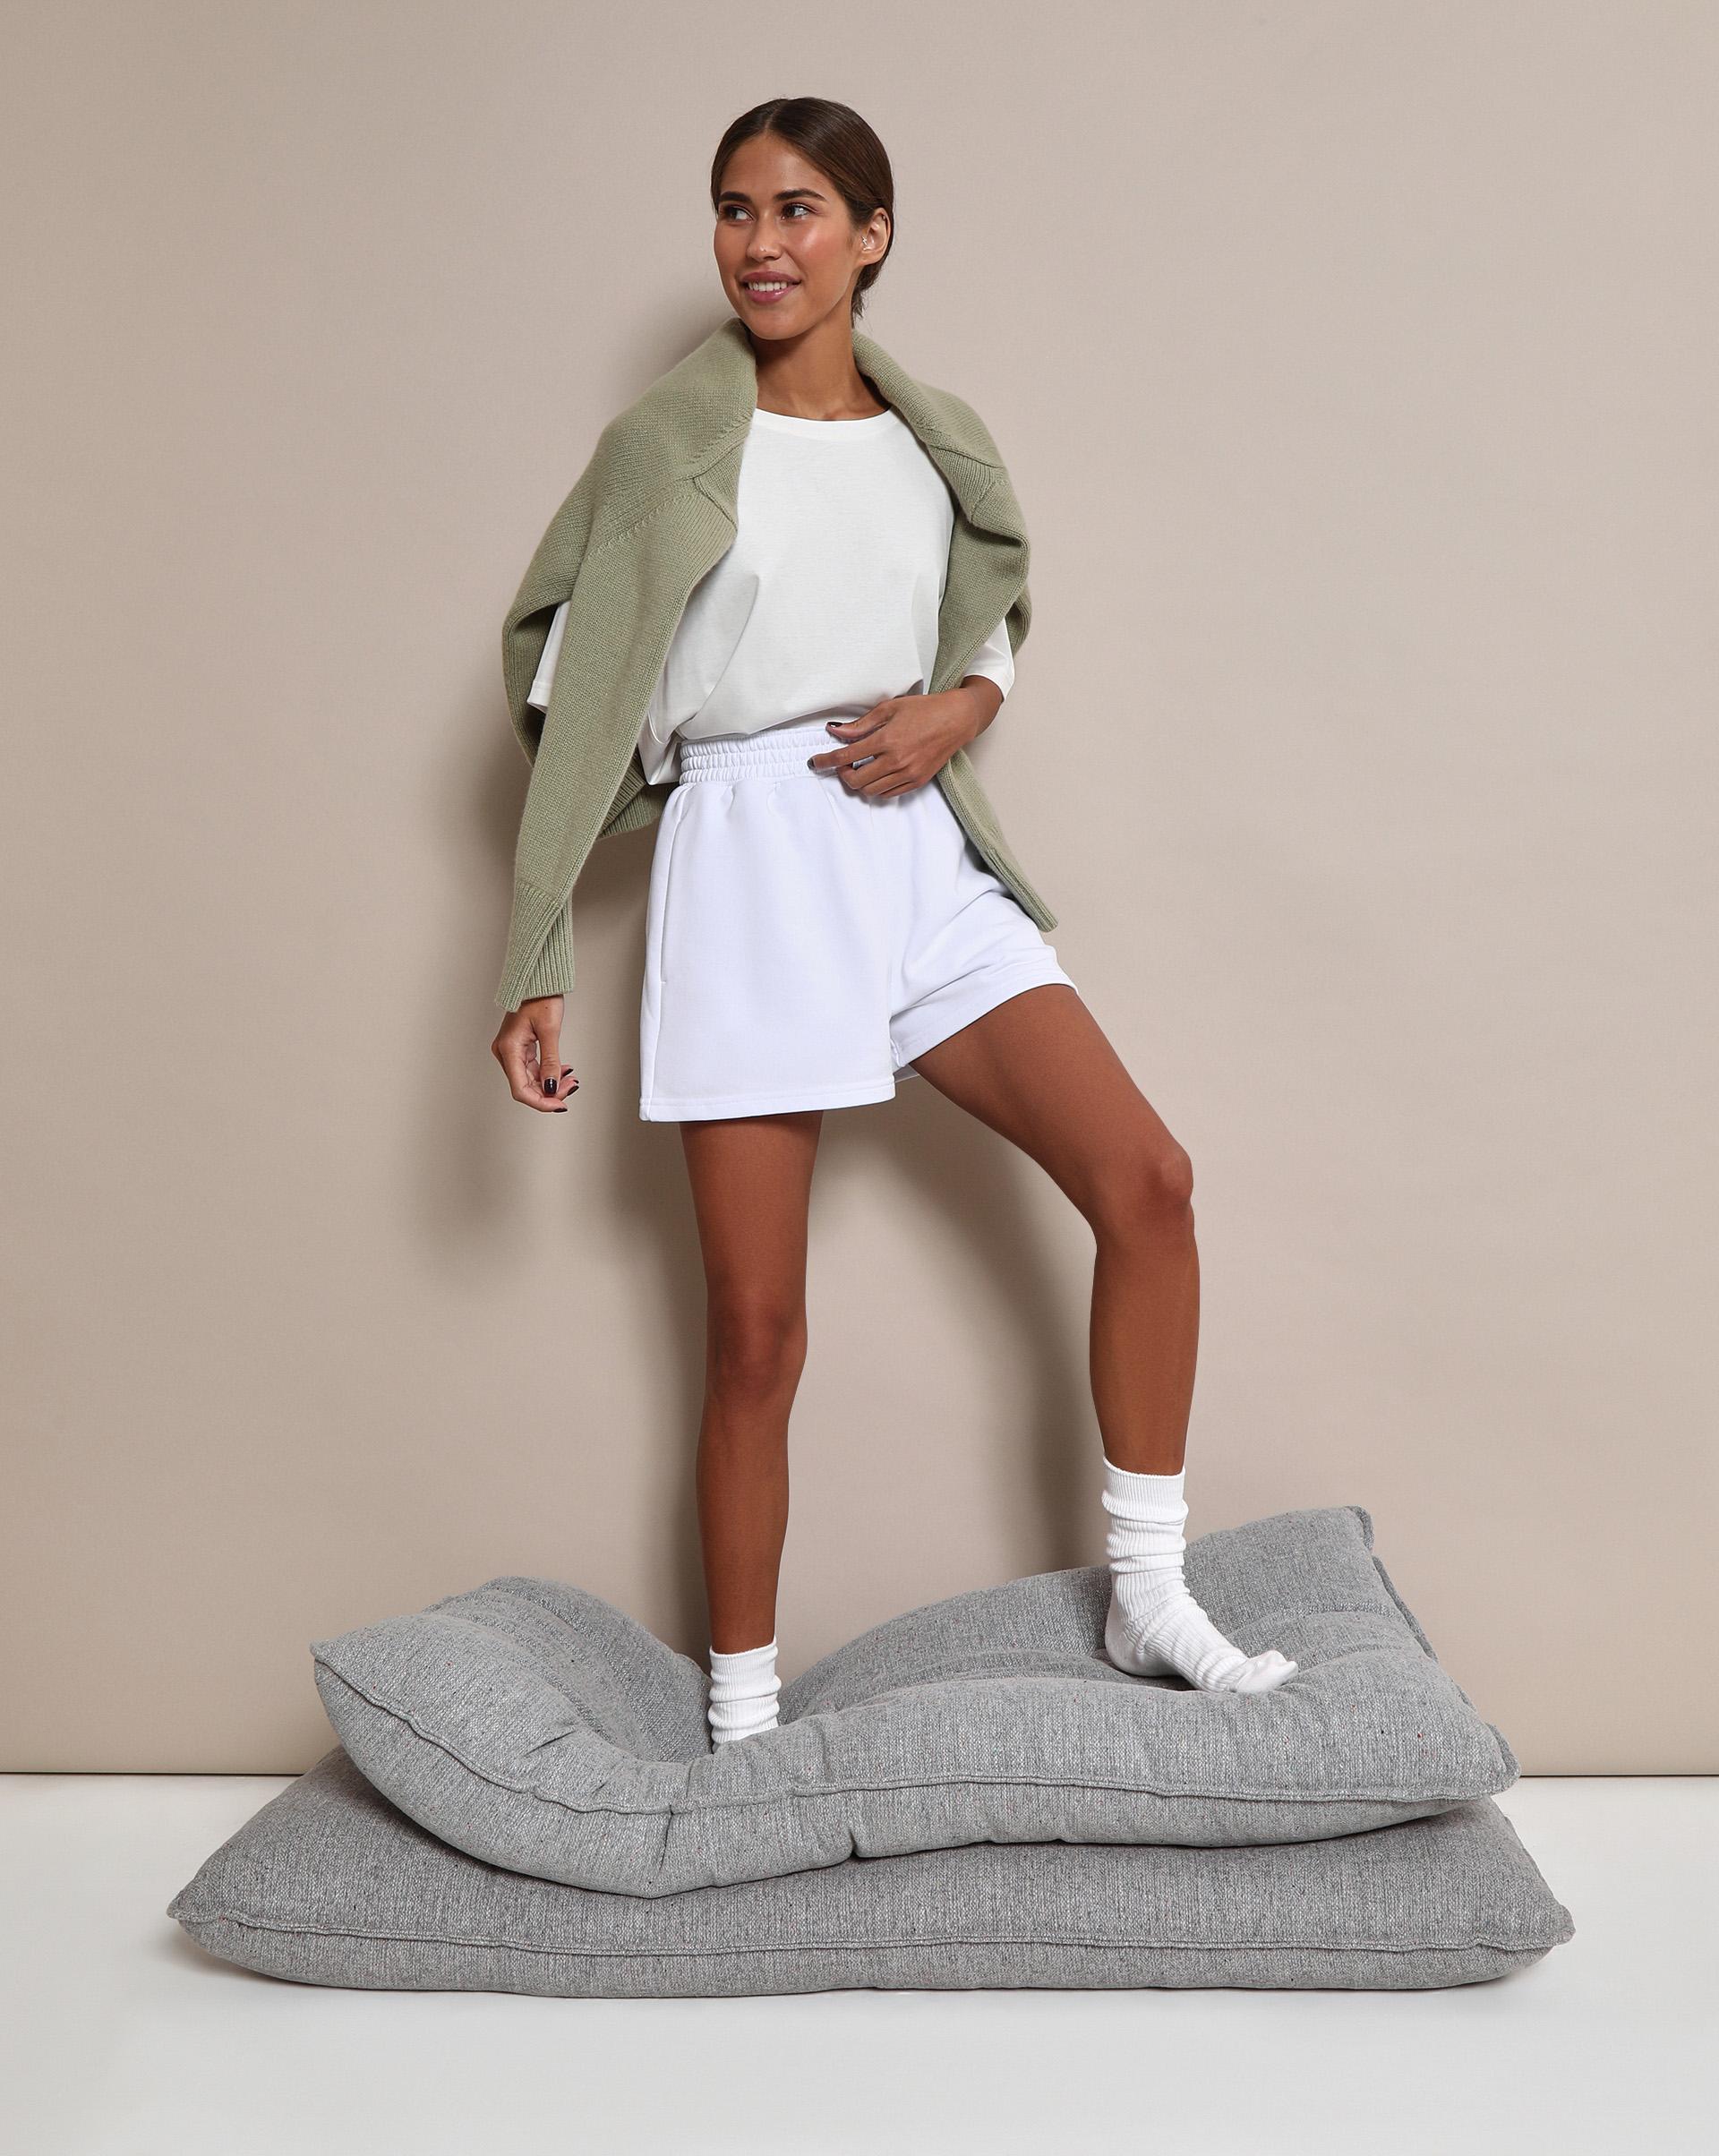 Фото - 12⠀STOREEZ Укороченные спортивные шорты спортивные шорты dc shoes middlegate white wbb0 s